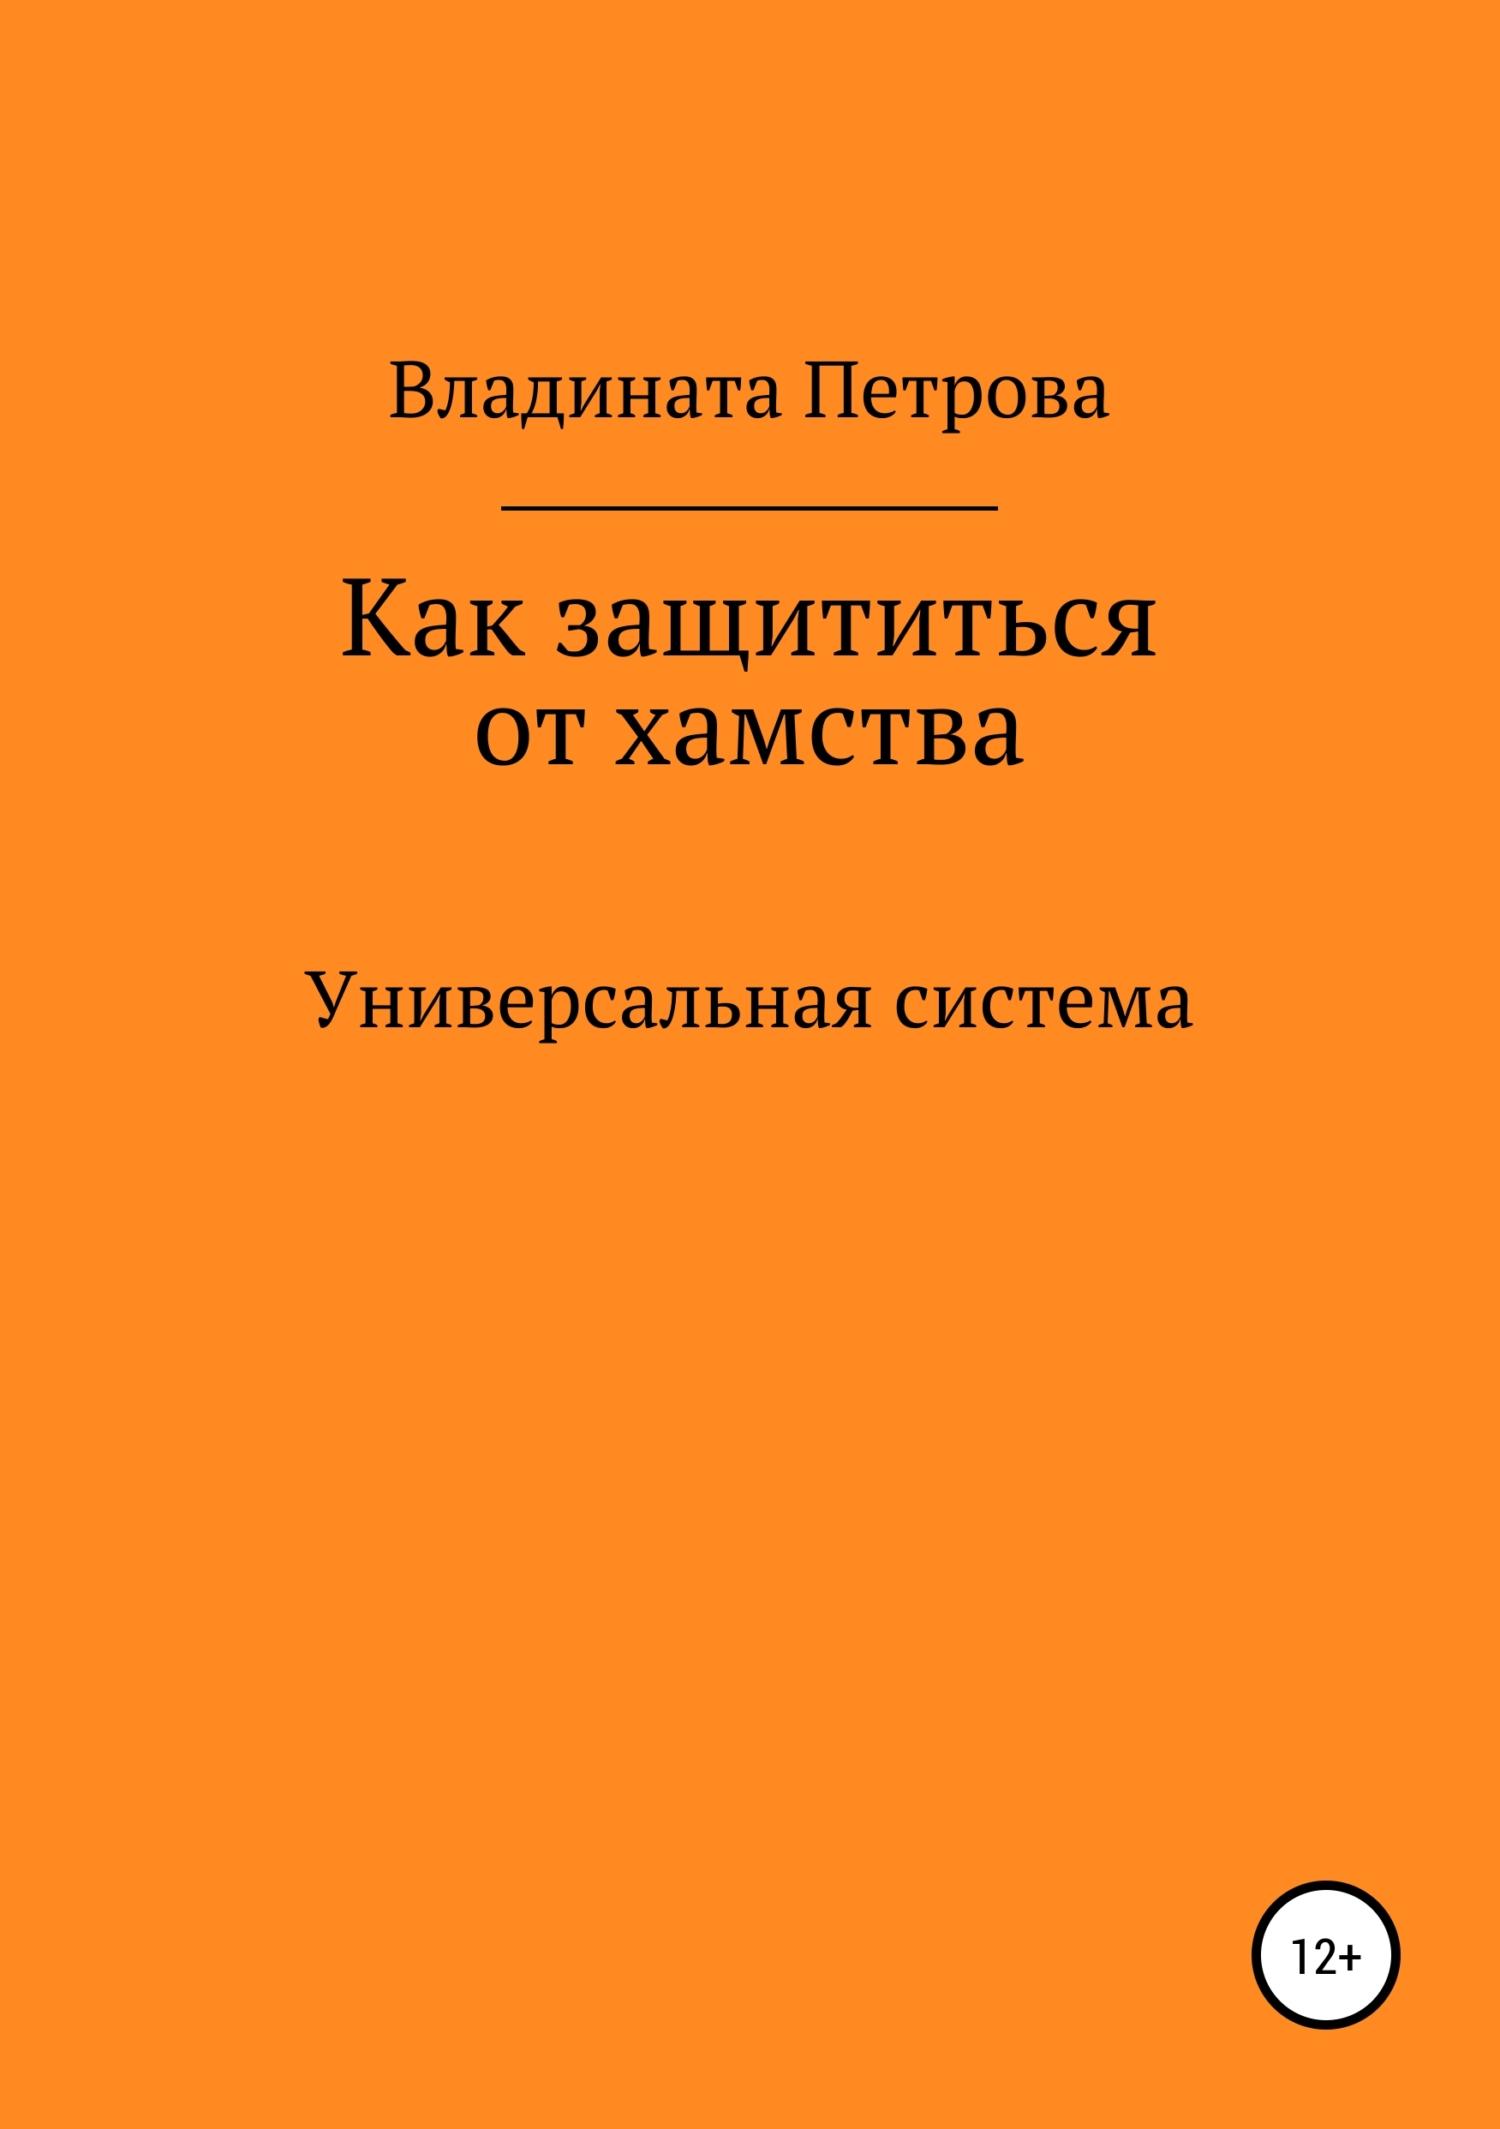 Владината Петрова Как защититься от хамства. Универсальная система